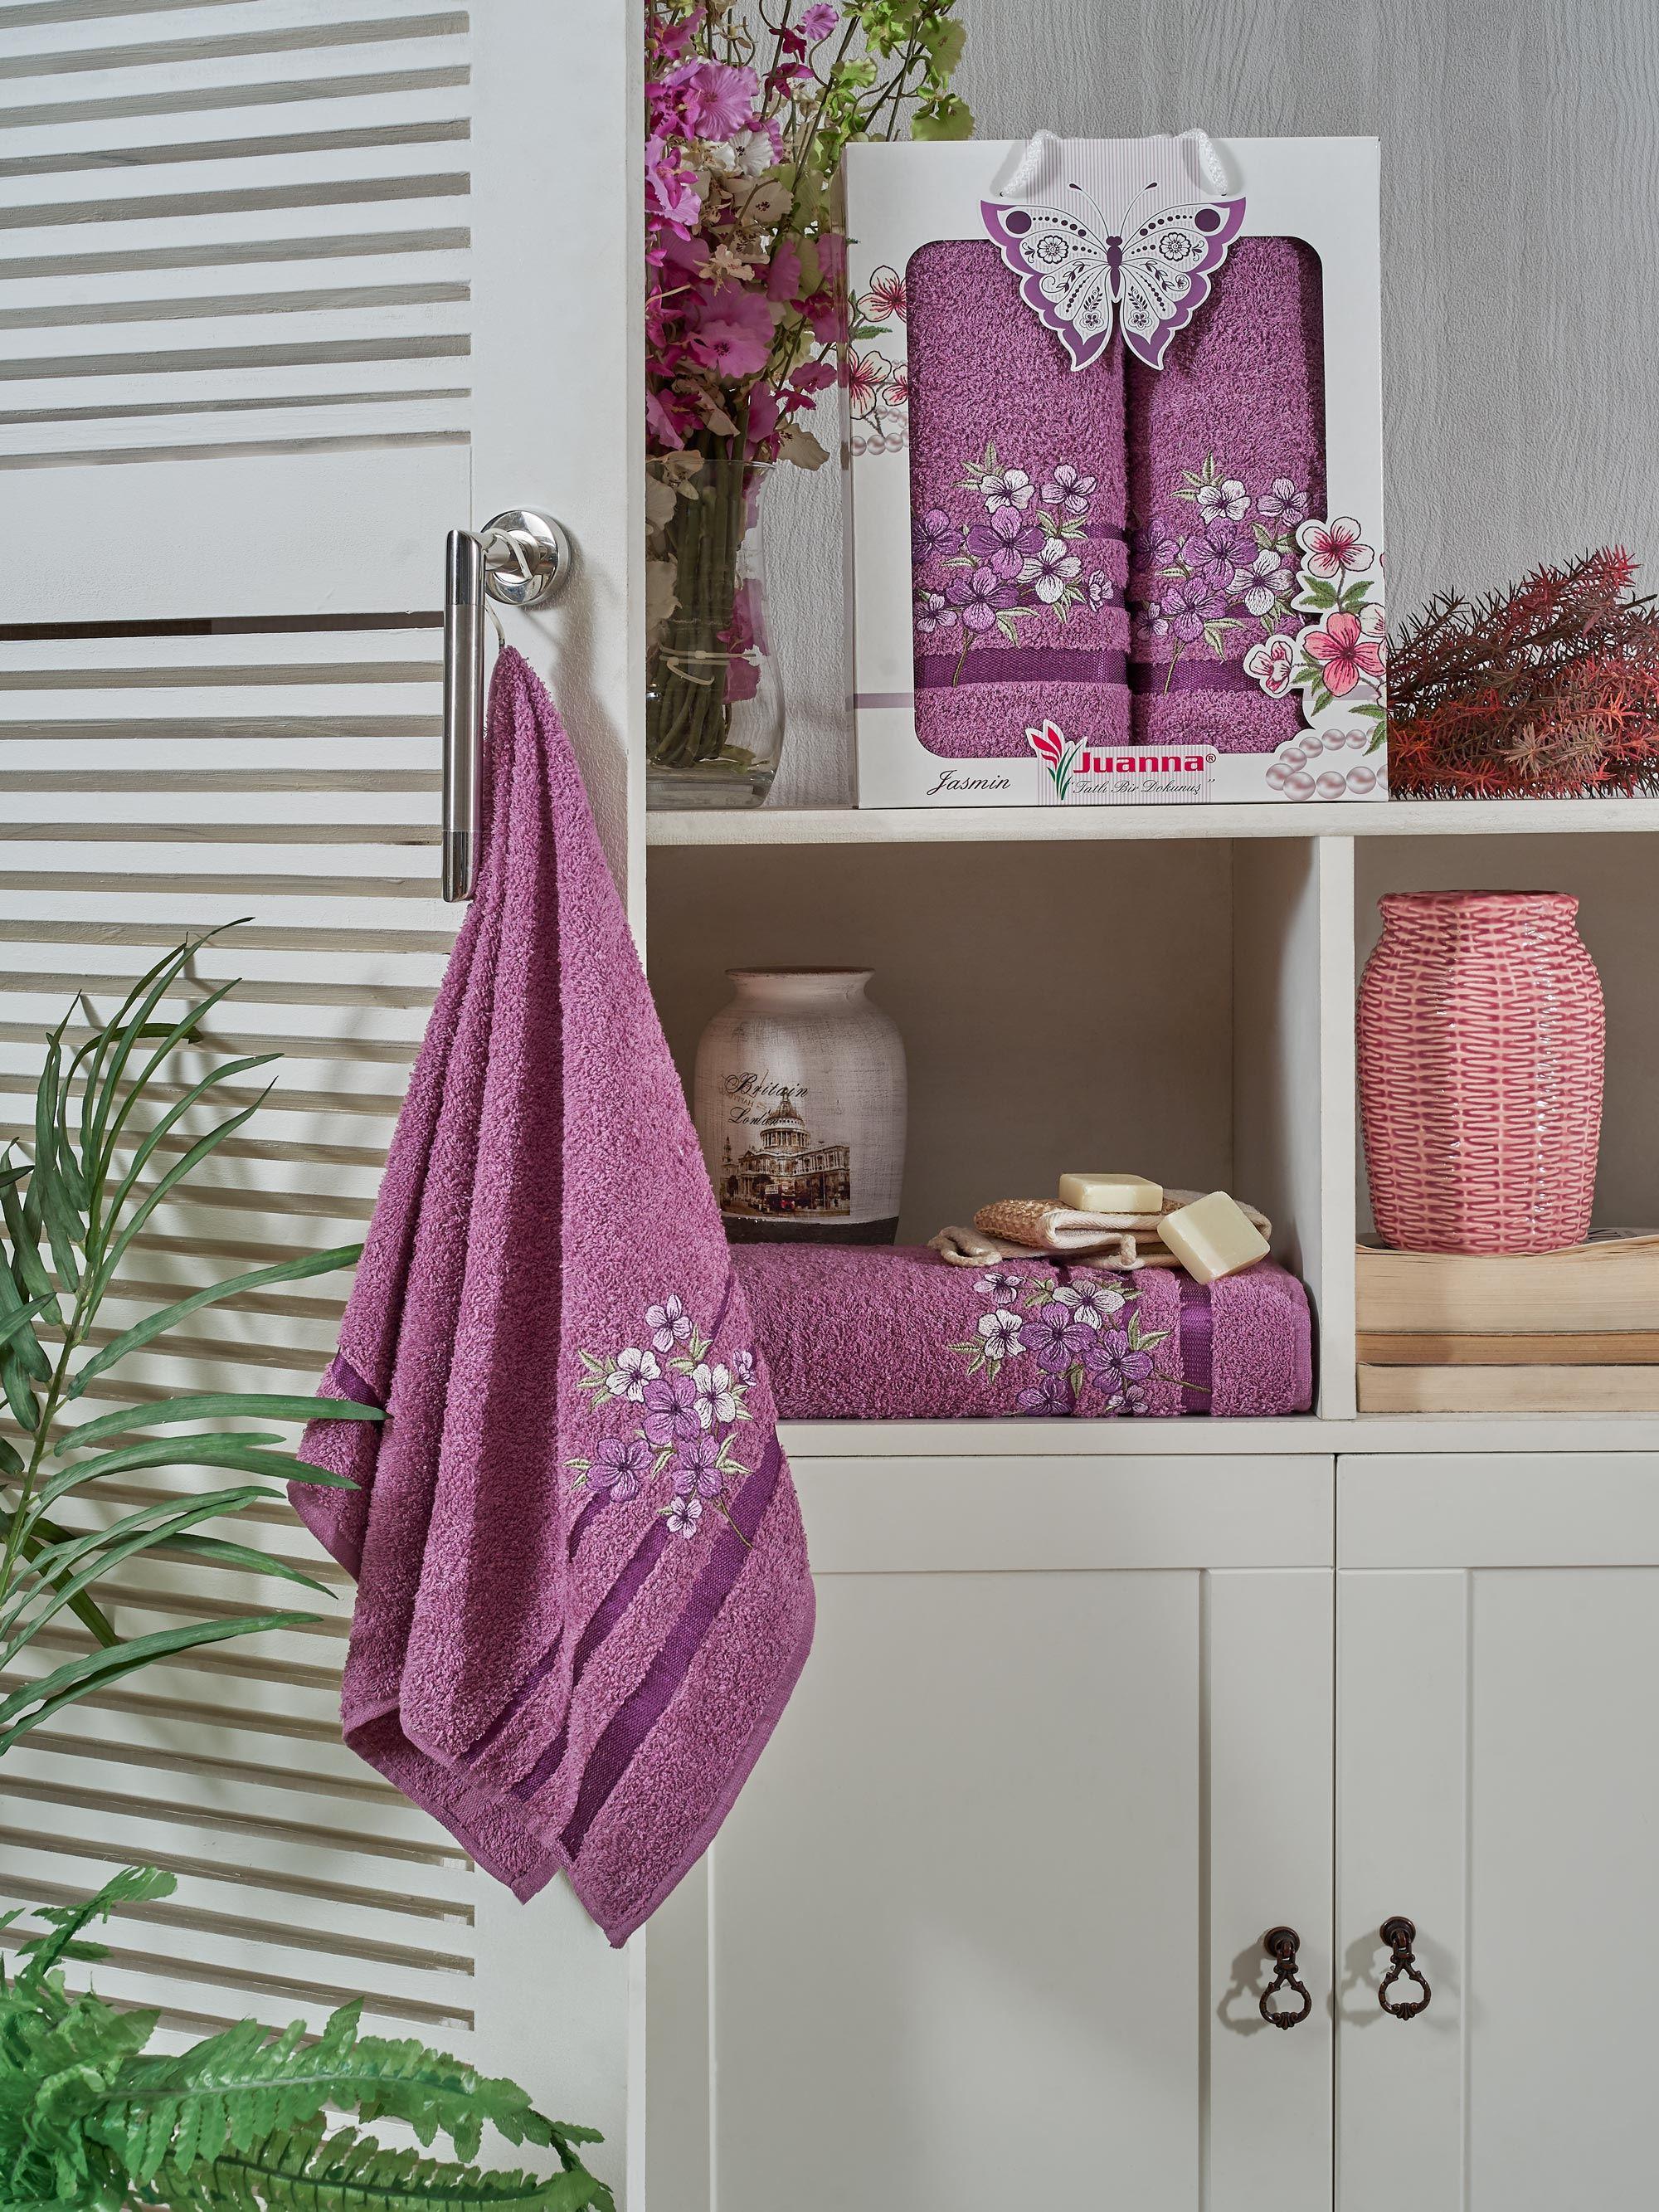 Купить Полотенца Juanna, Полотенце Jasmin Цвет: Баклажан (50х90 см, 70х140 см), Турция, Фиолетовый, Махра